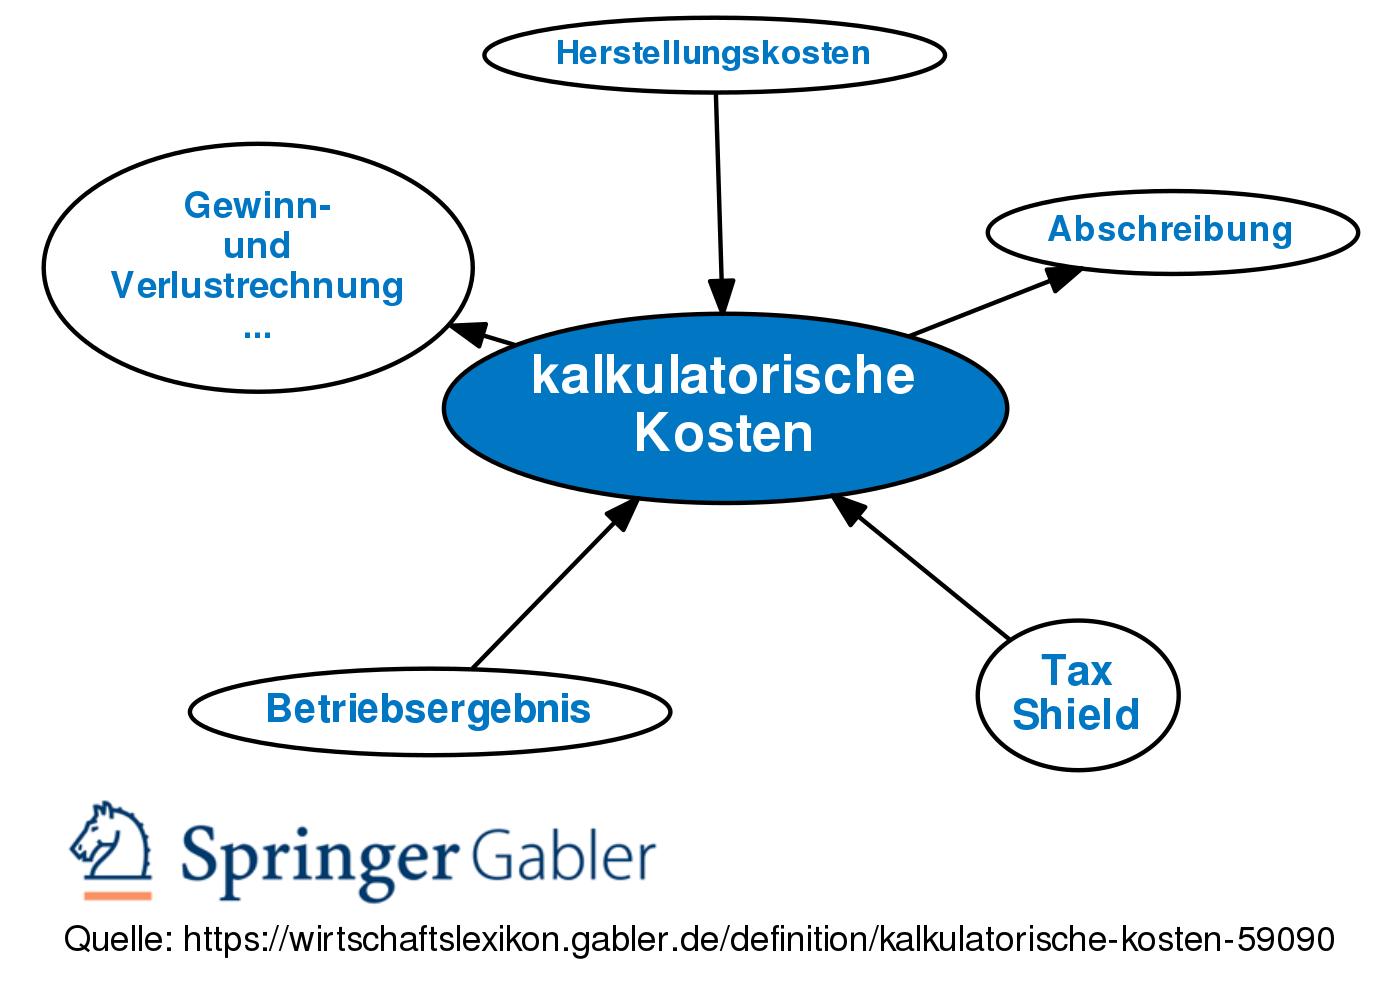 Kalkulatorische Kosten Definition Gabler Banklexikon